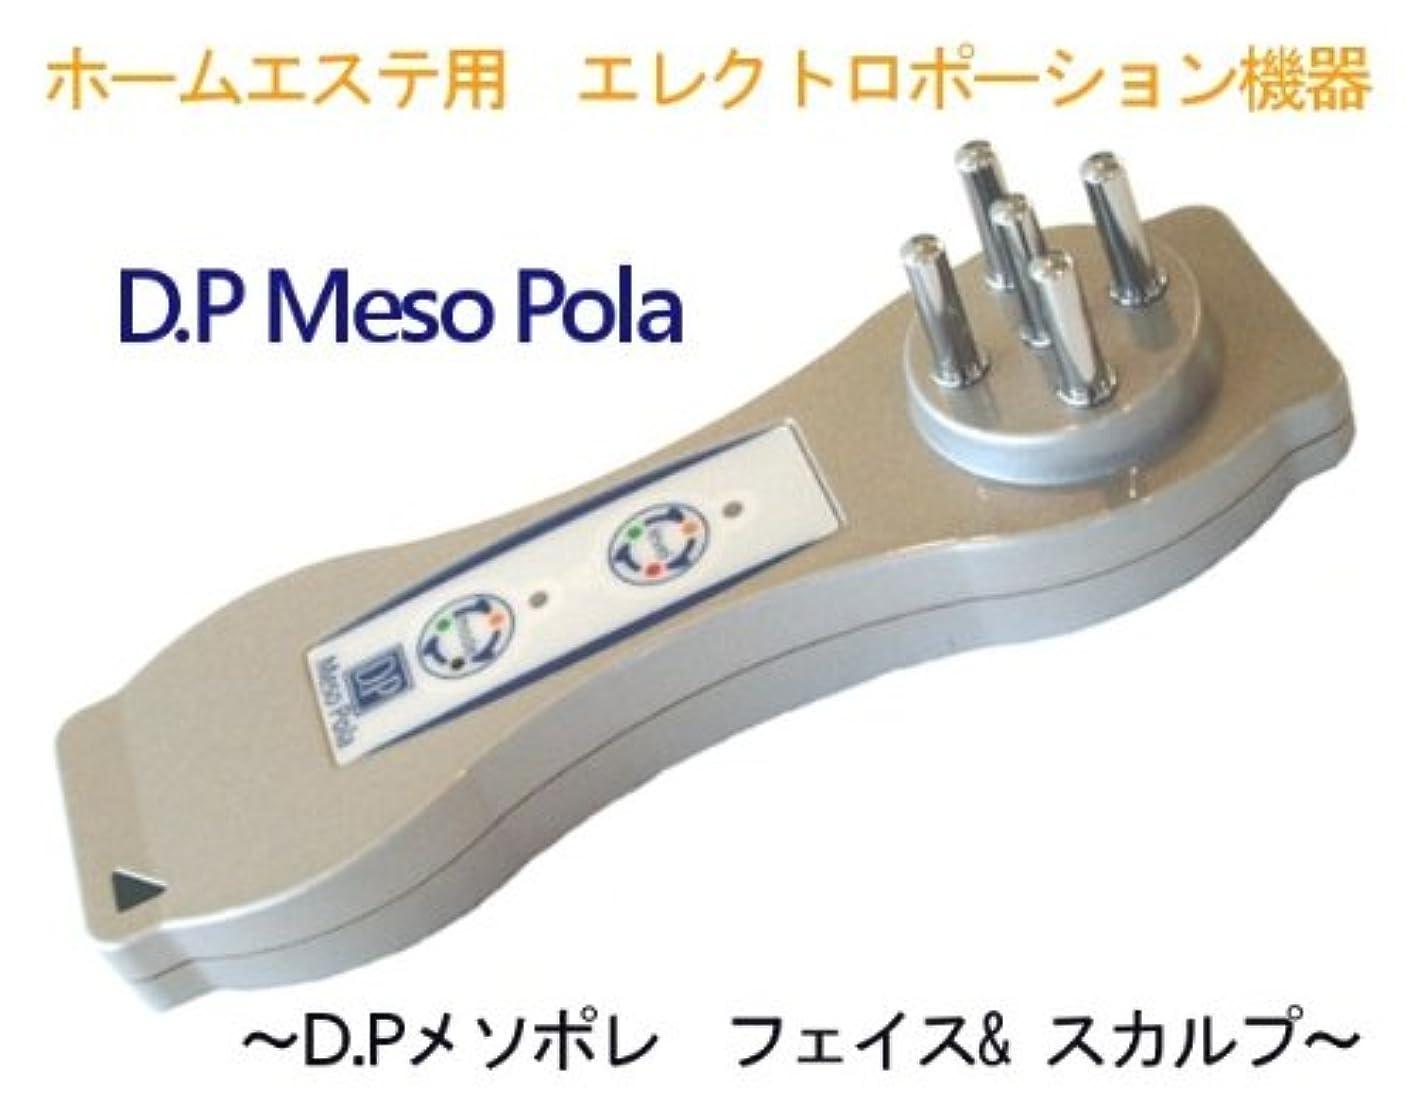 怠感神秘的な拘束するD.P Meso Pola(ディーピー メソポレ) フェイス&スカルプ ホームエステ用 エレクトロポーション機器